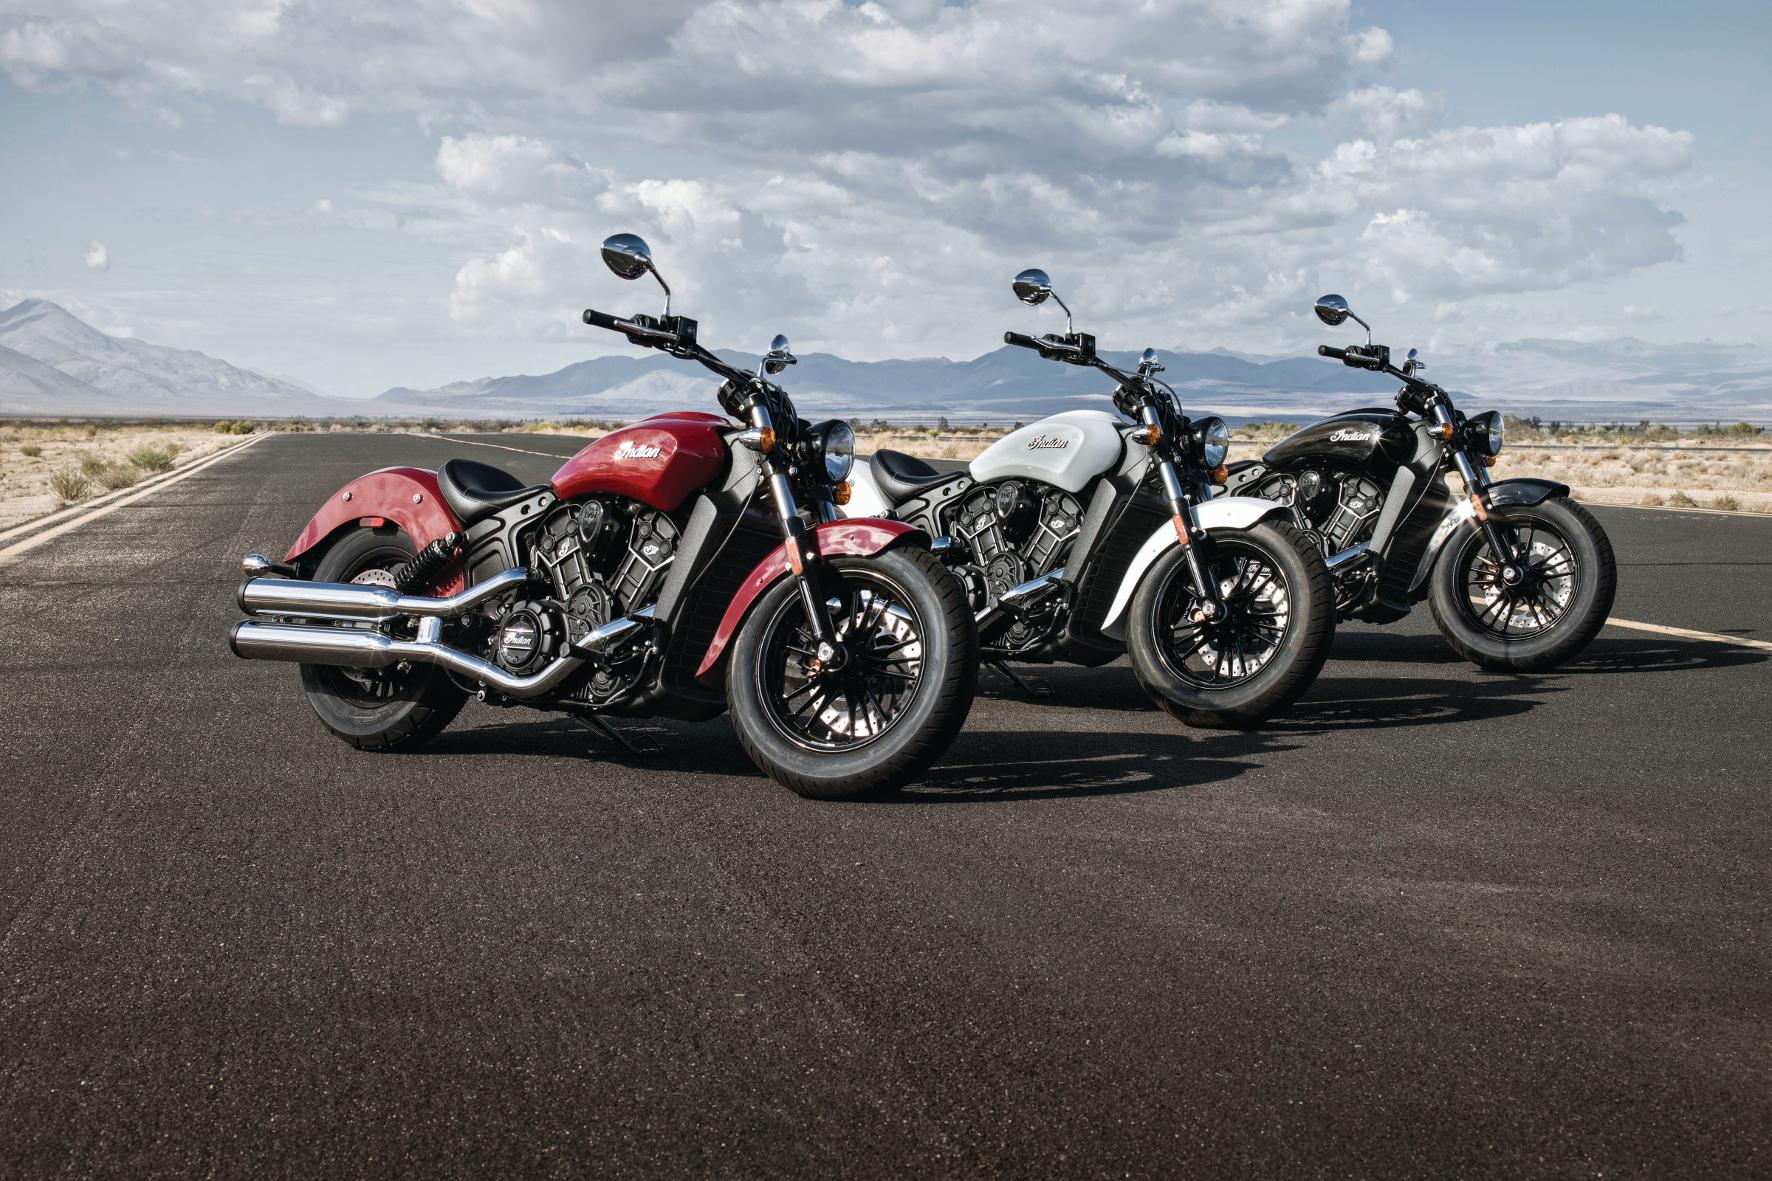 mid Groß-Gerau - Die Indian Scout Sixty ist in drei klassischen Farben zu haben: schwarz (Thunder Black), weiß (Pearl White) und rot (Indian Motorcycle Red).